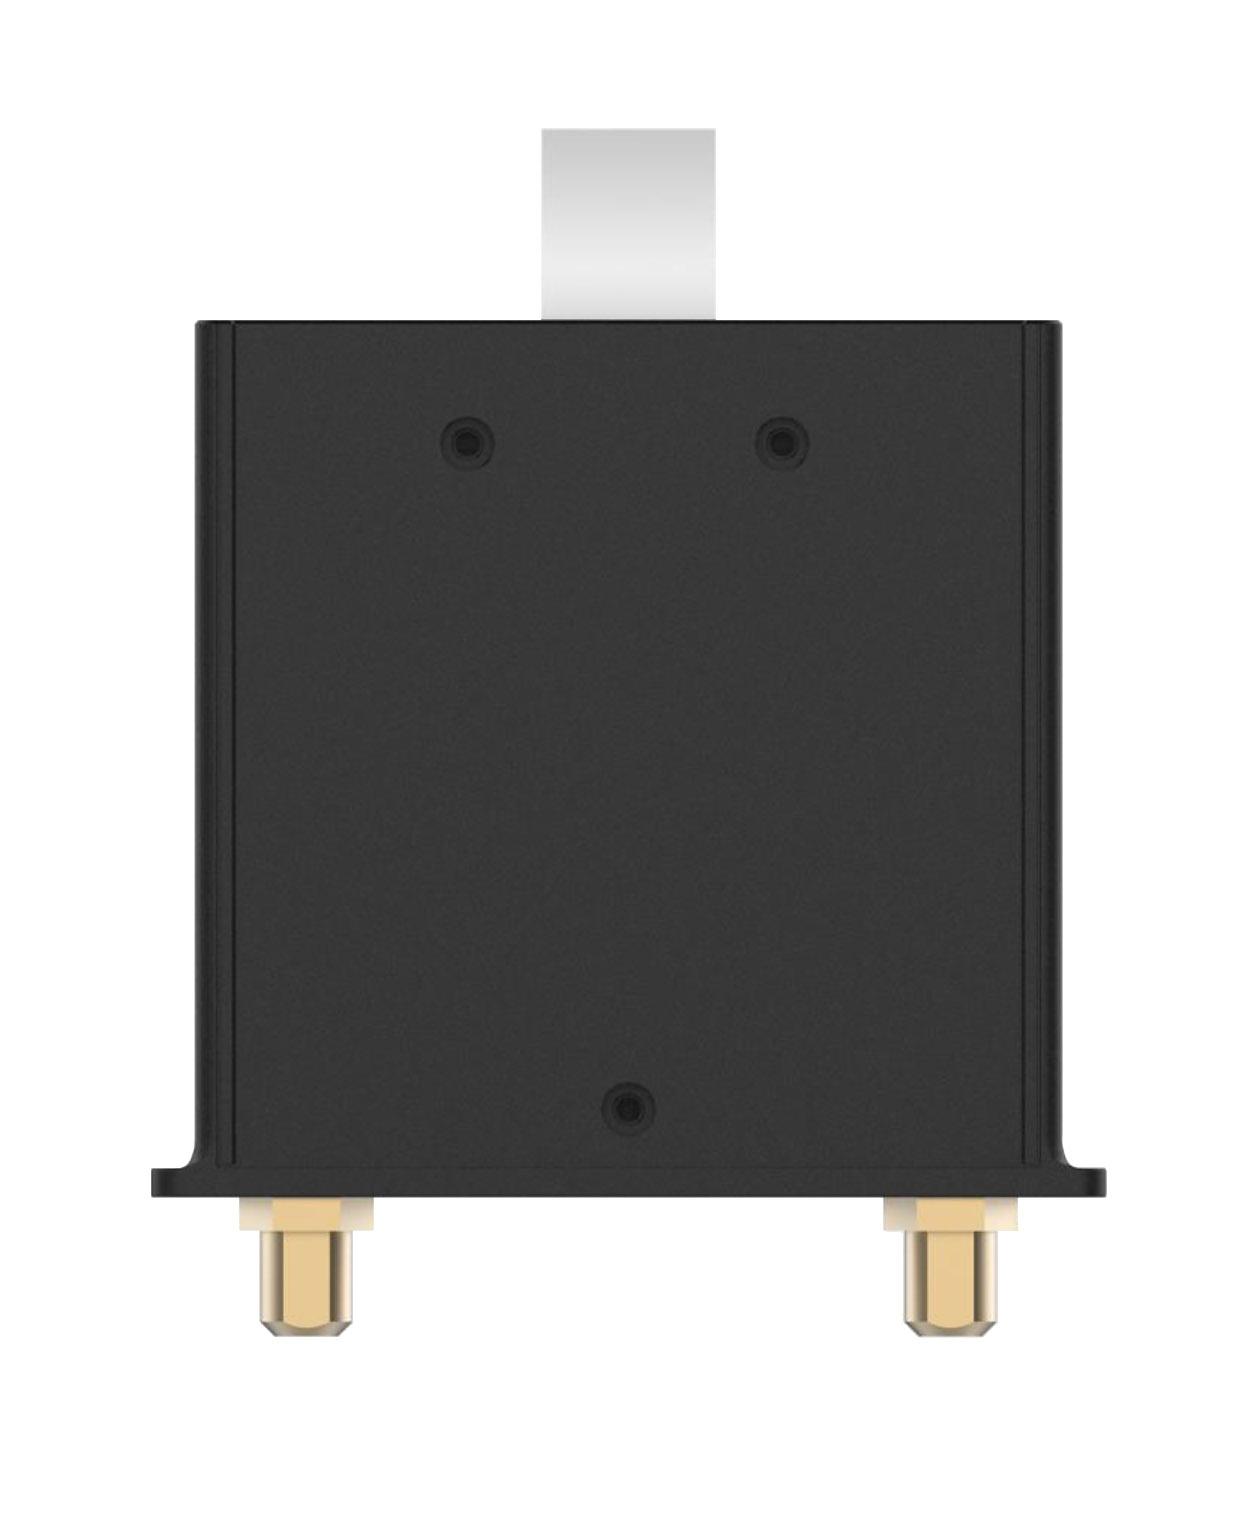 Iiyama OWM001 - Netzwerkadapter 802.11b - 802.11a - 802.11g - 802.11n - 802.11ac - Schwarz